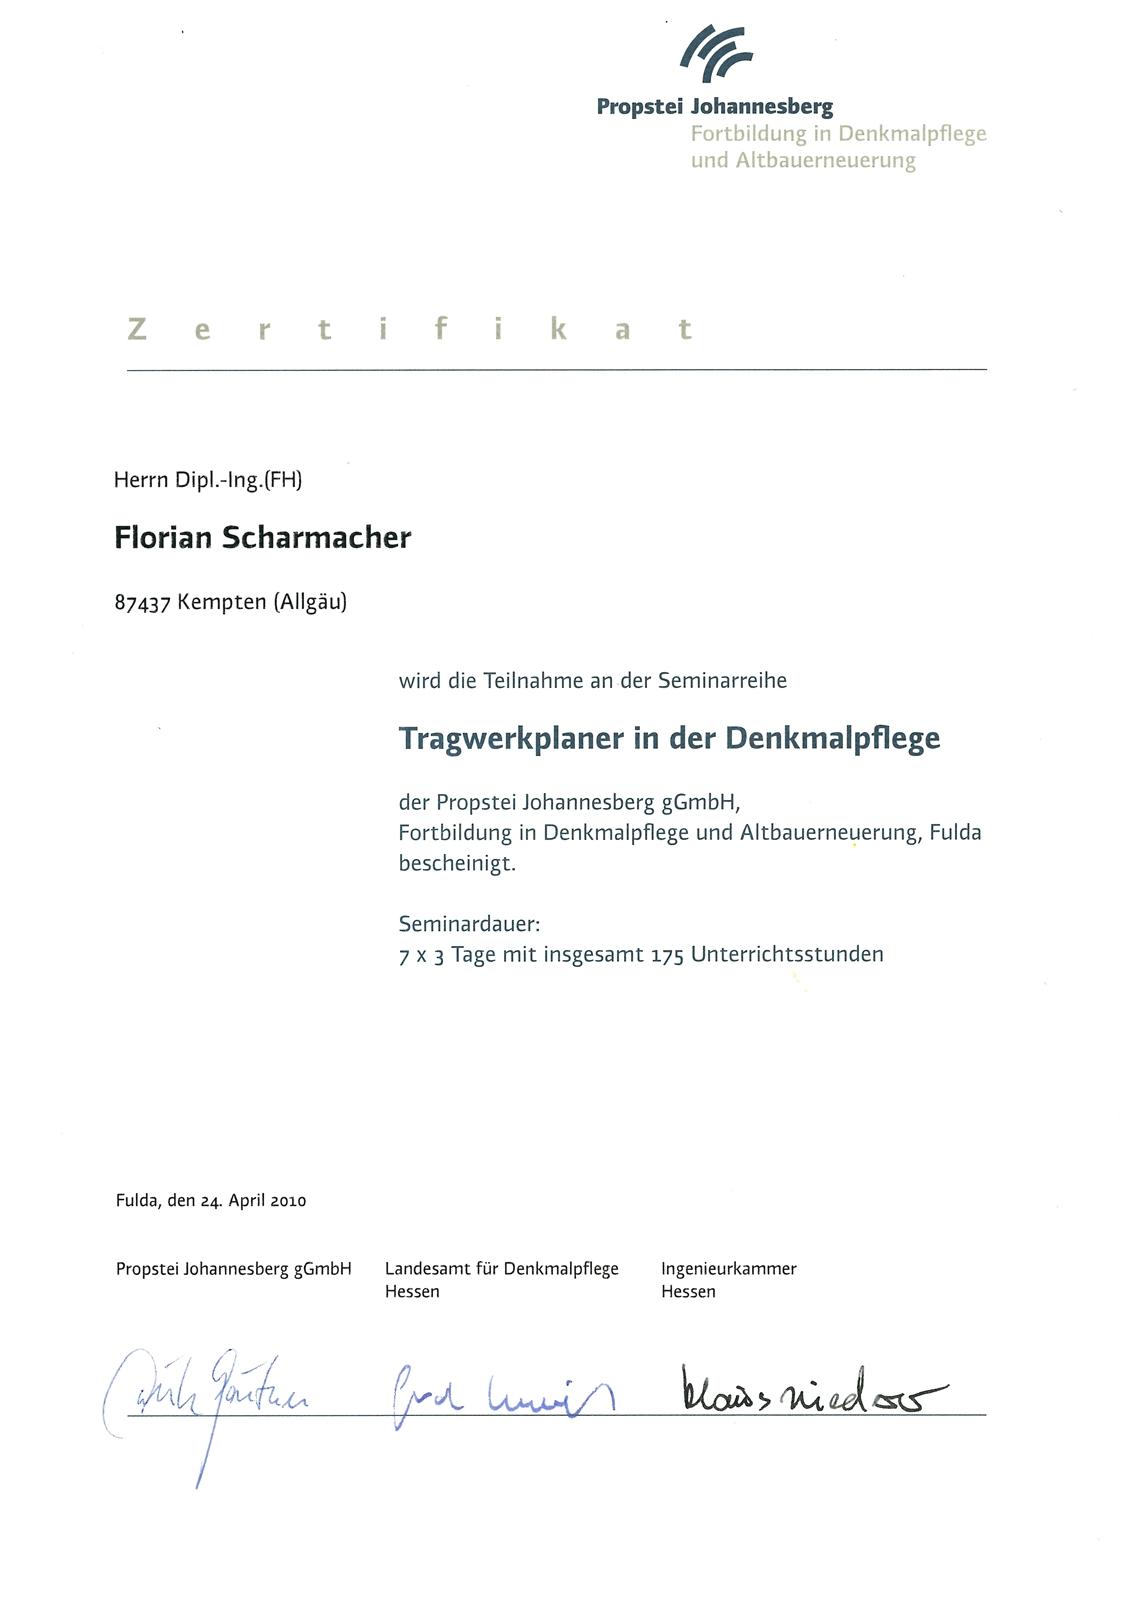 Tragwerksplaner Denkmalpflege_1600px